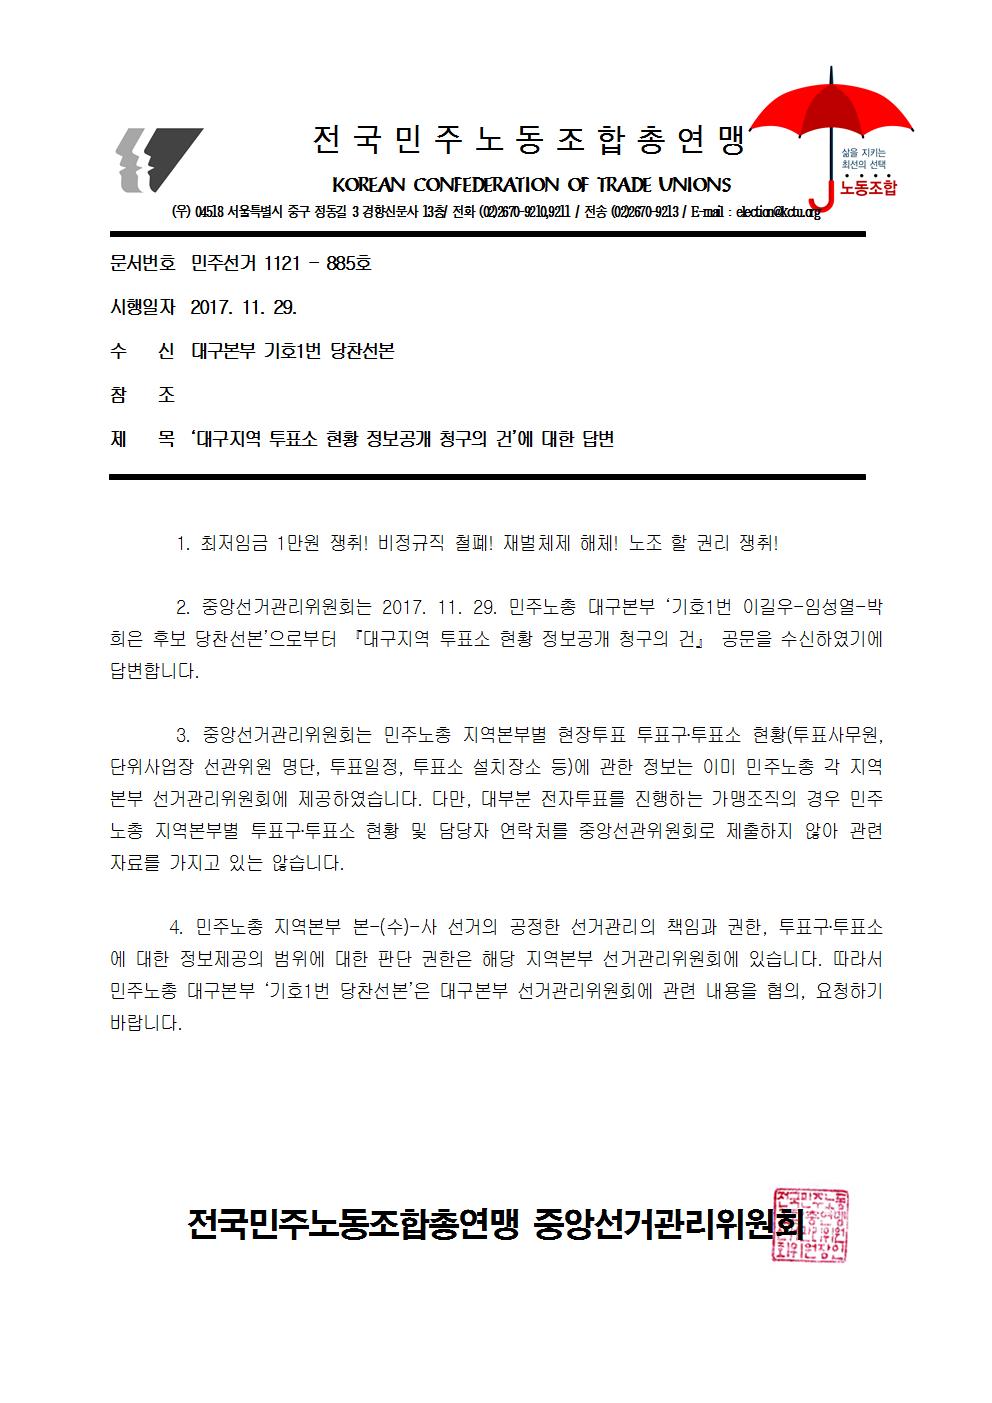 '대구지역 투표소 현황 정보공개 청구의 건'에 대한 답변.png